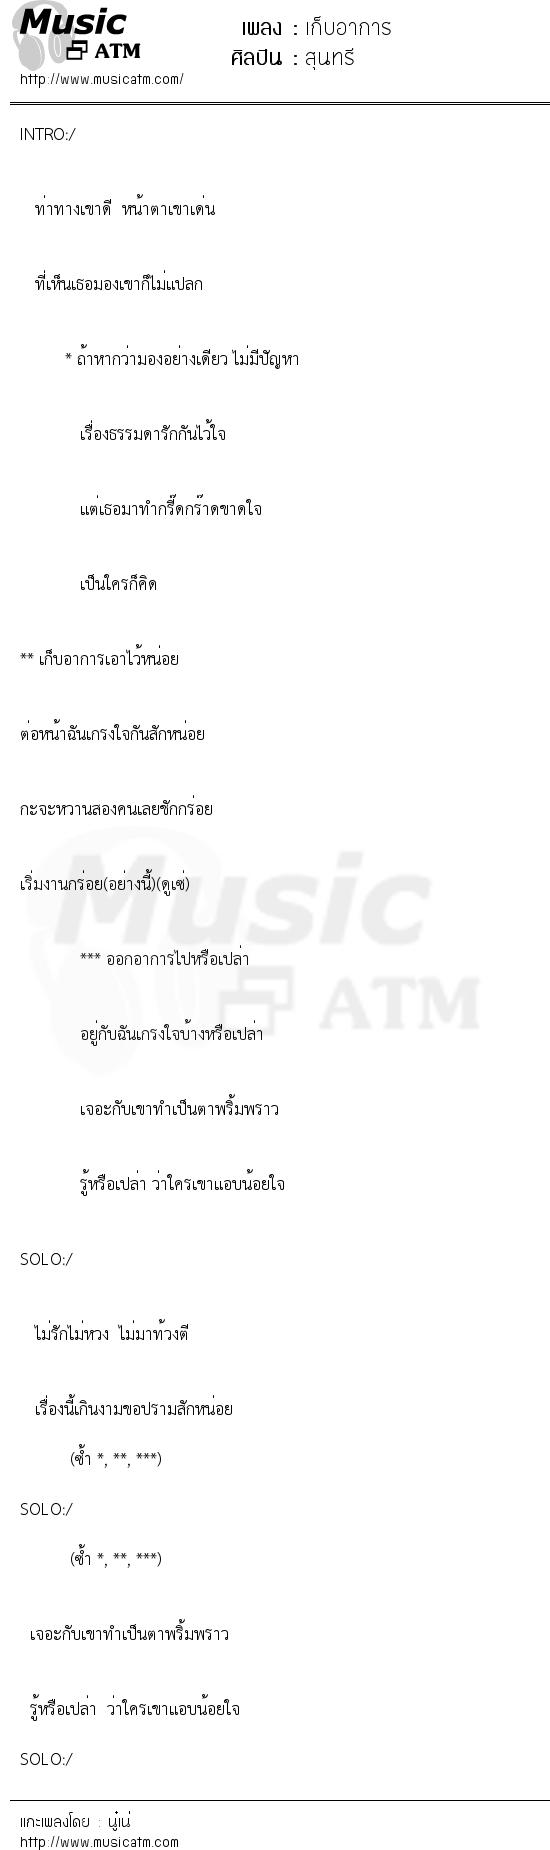 เก็บอาการ | เพลงไทย